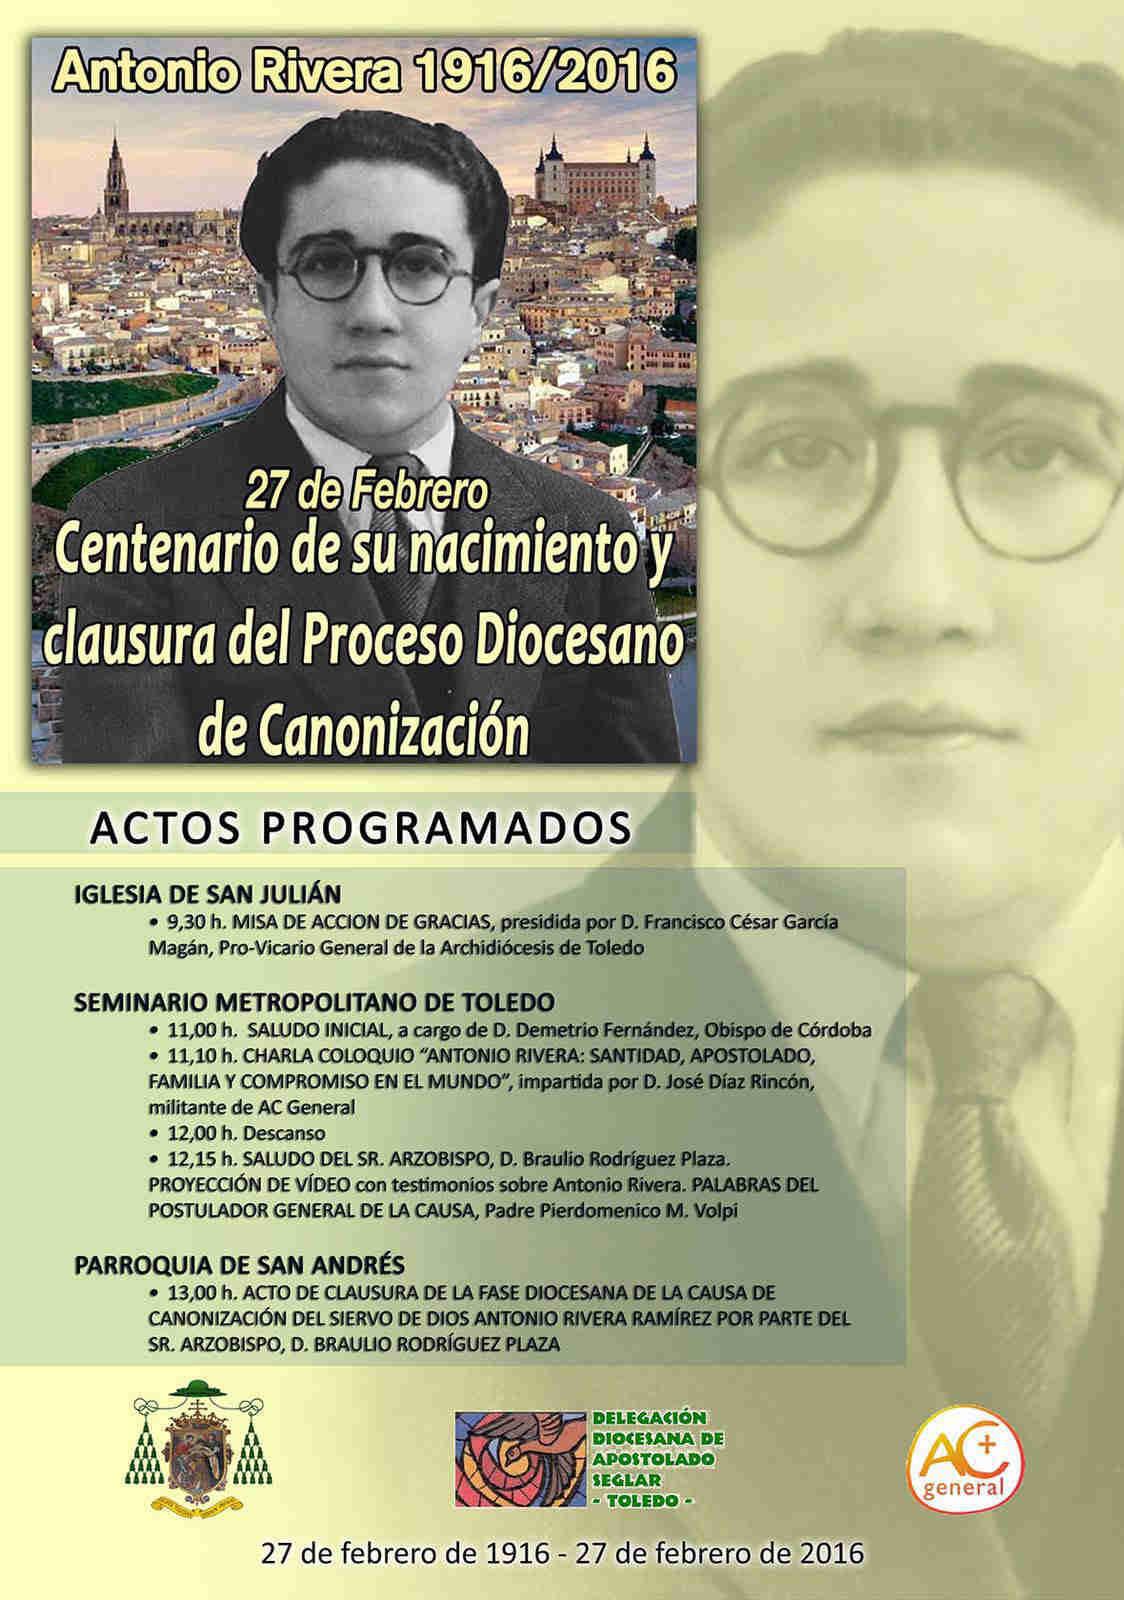 Centenario Nacimiento Antonio Rivera